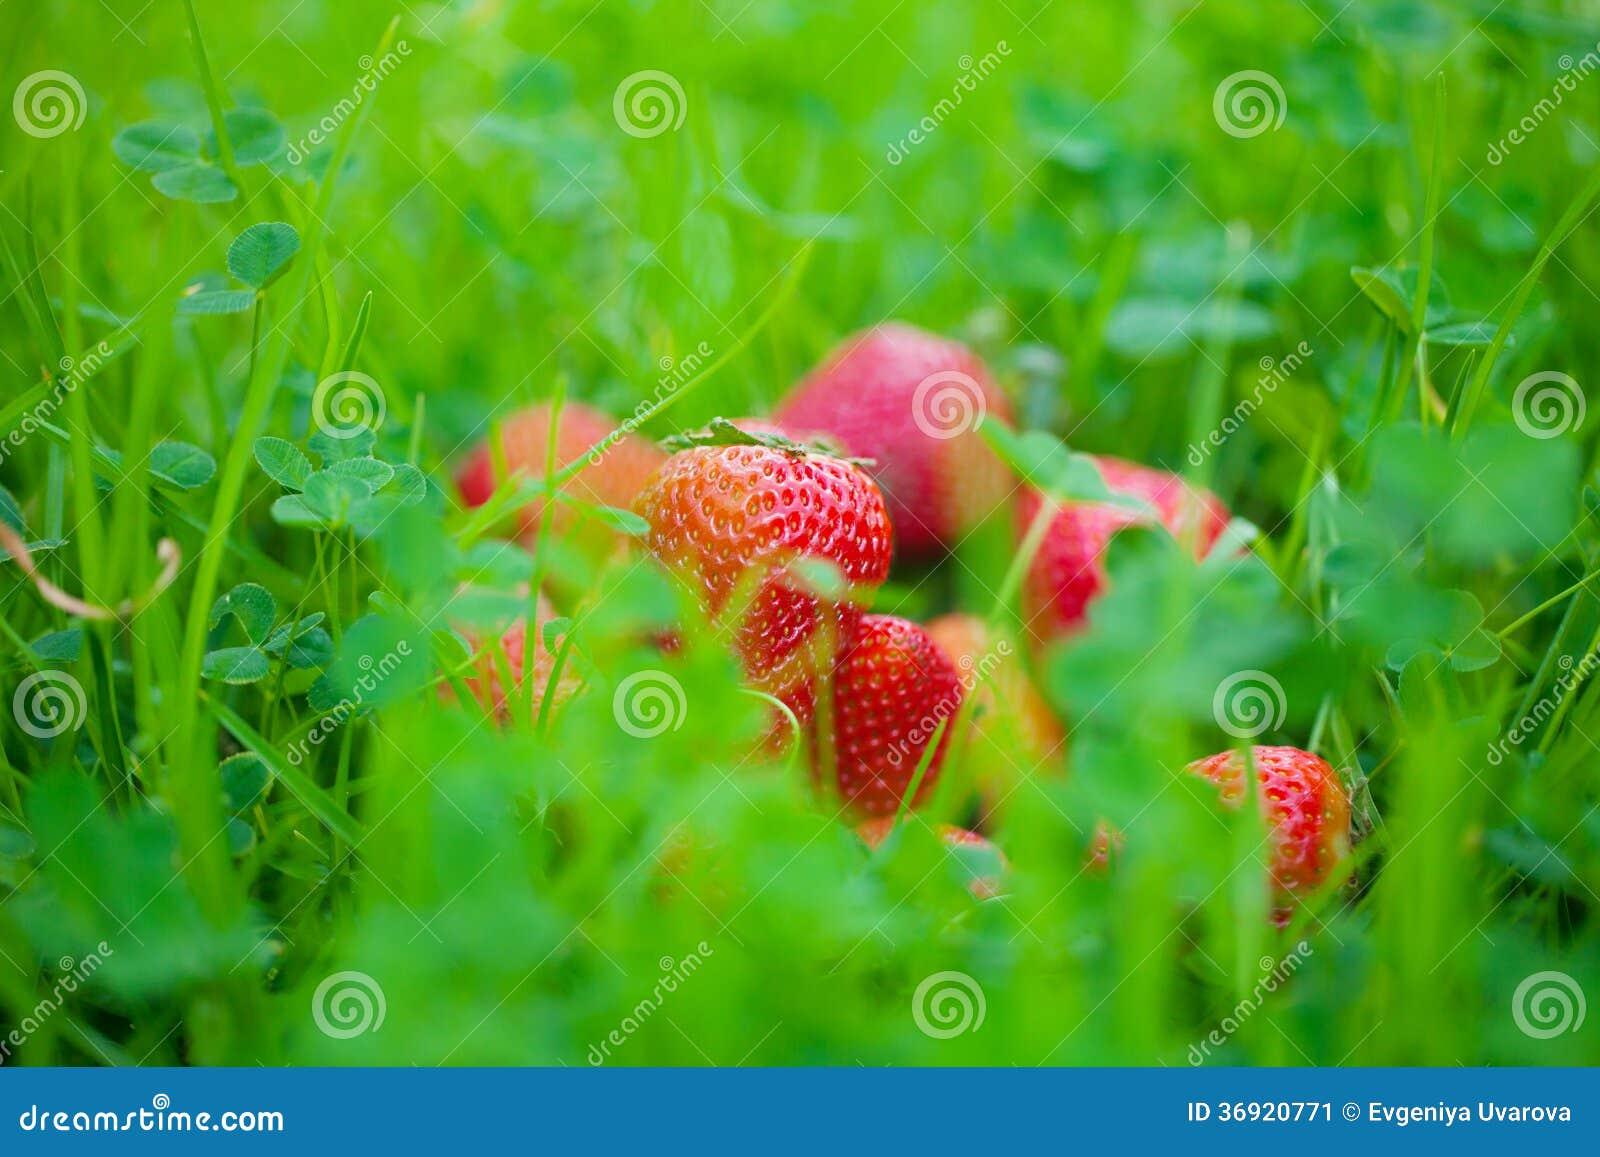 Truskawki na zielonej trawie